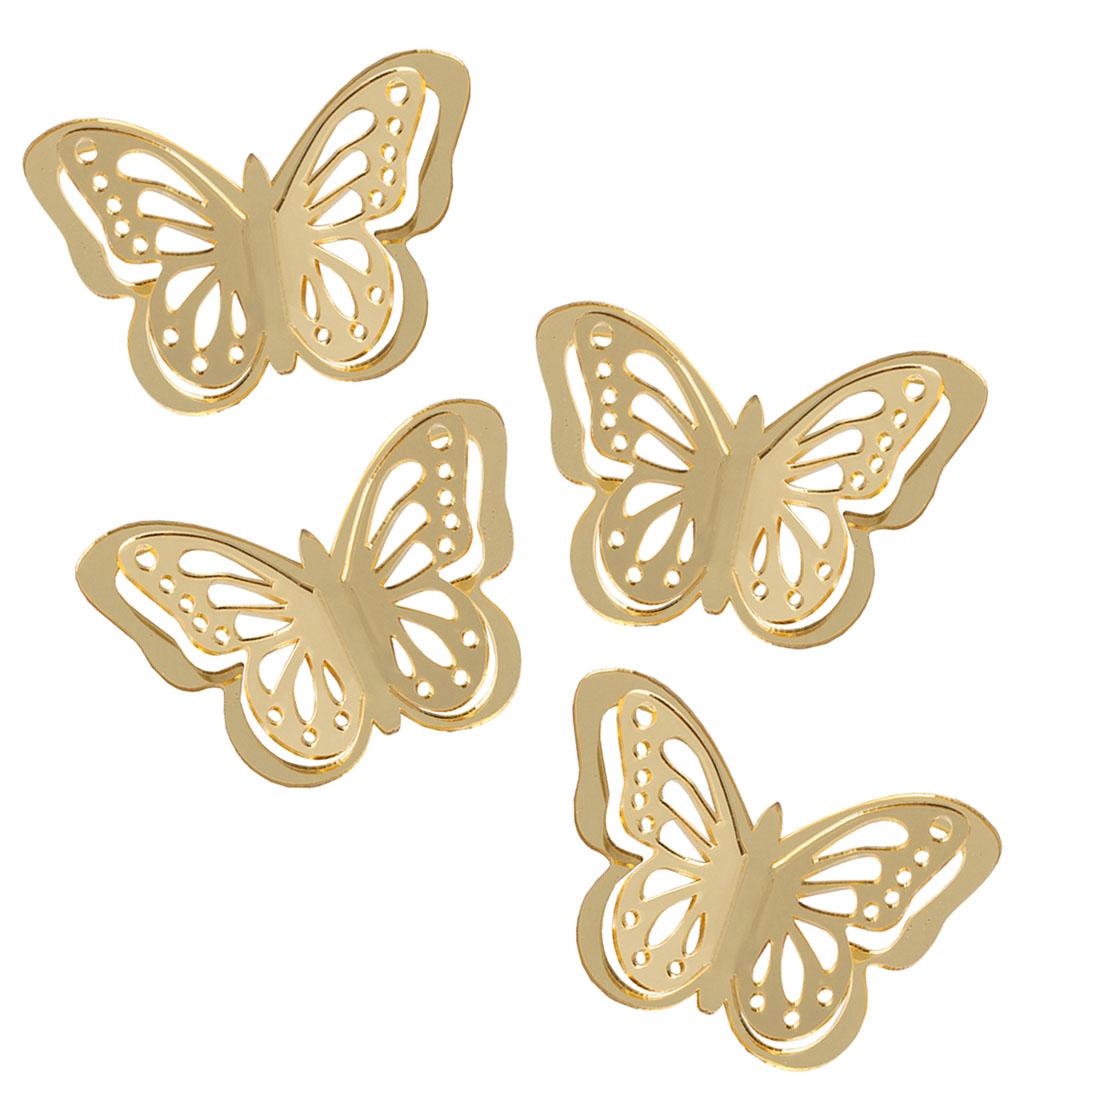 """Декоративные украшения """"Бабочки"""", 4 штуки [06711],"""